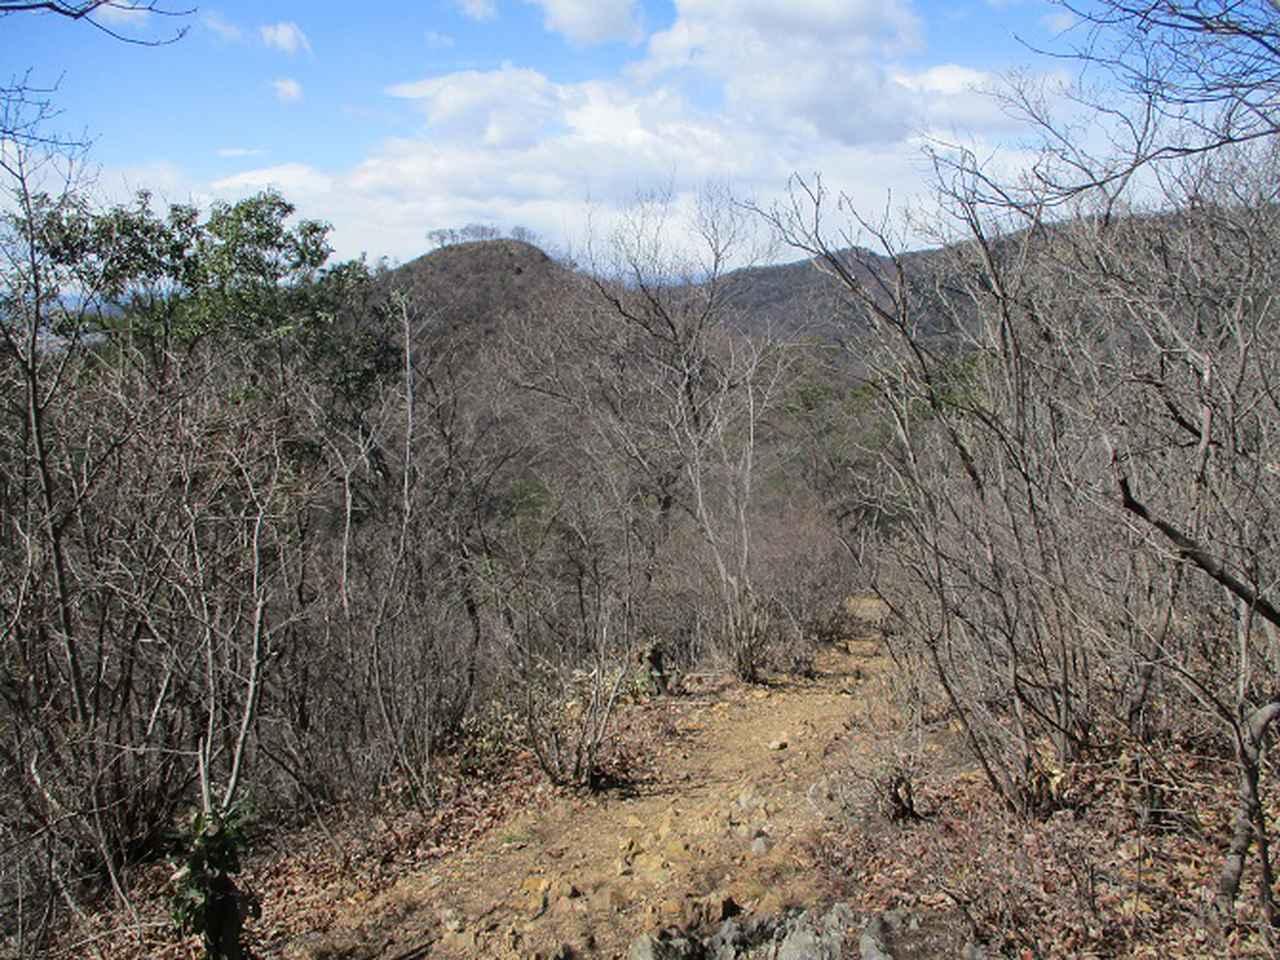 画像6: 4月の山旅会 両崖山から天狗山 ツアーの下見に行ってきました!